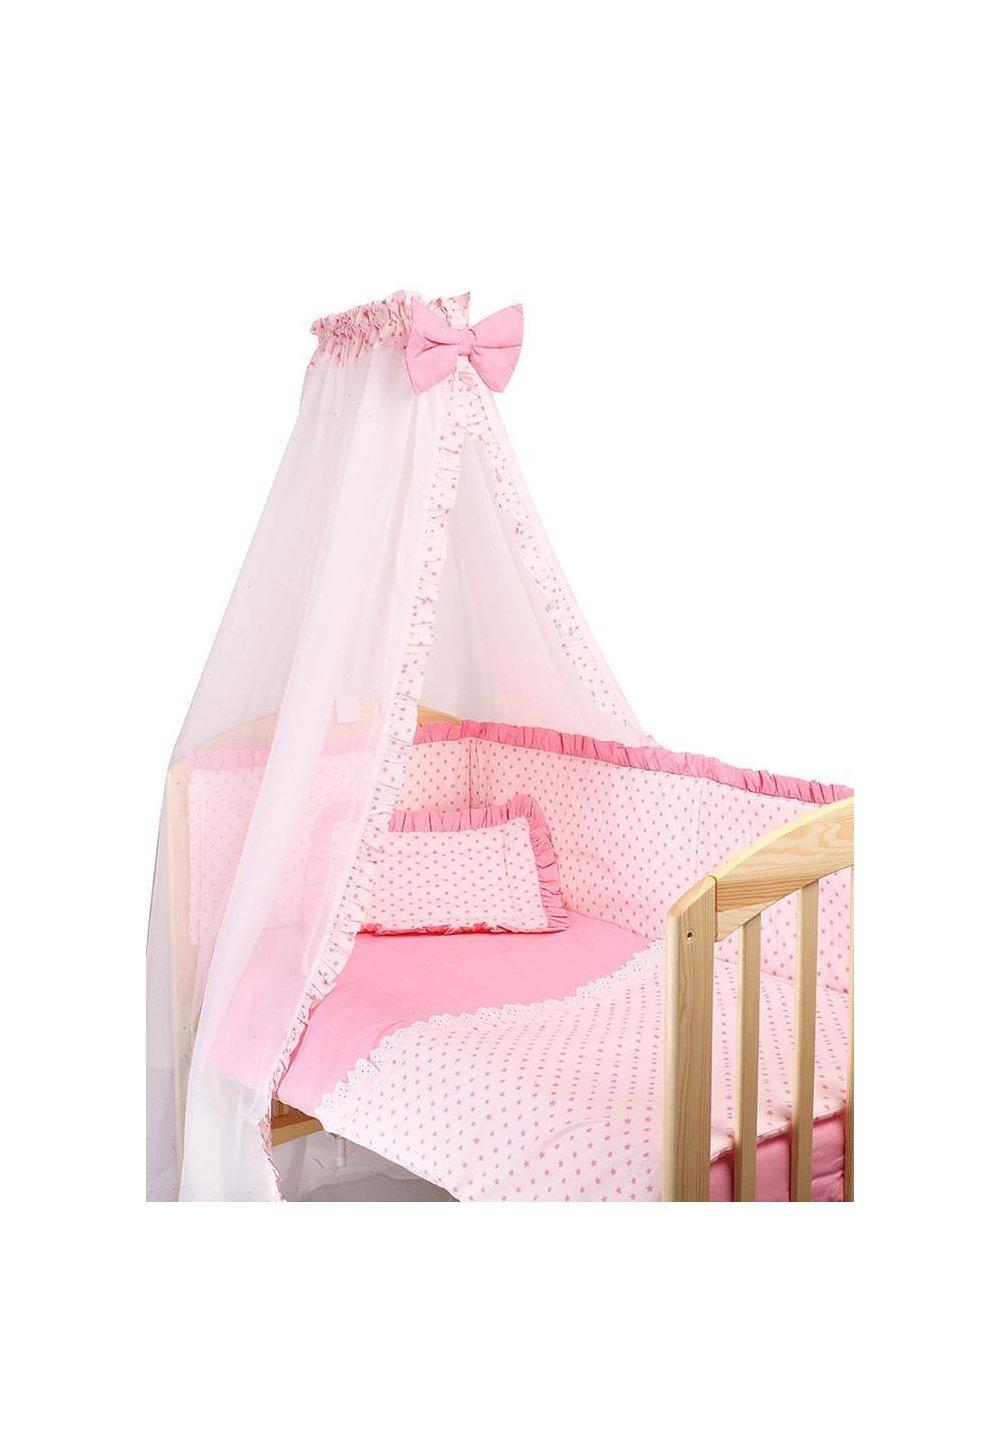 Baldachin roz cu stelute roz imagine